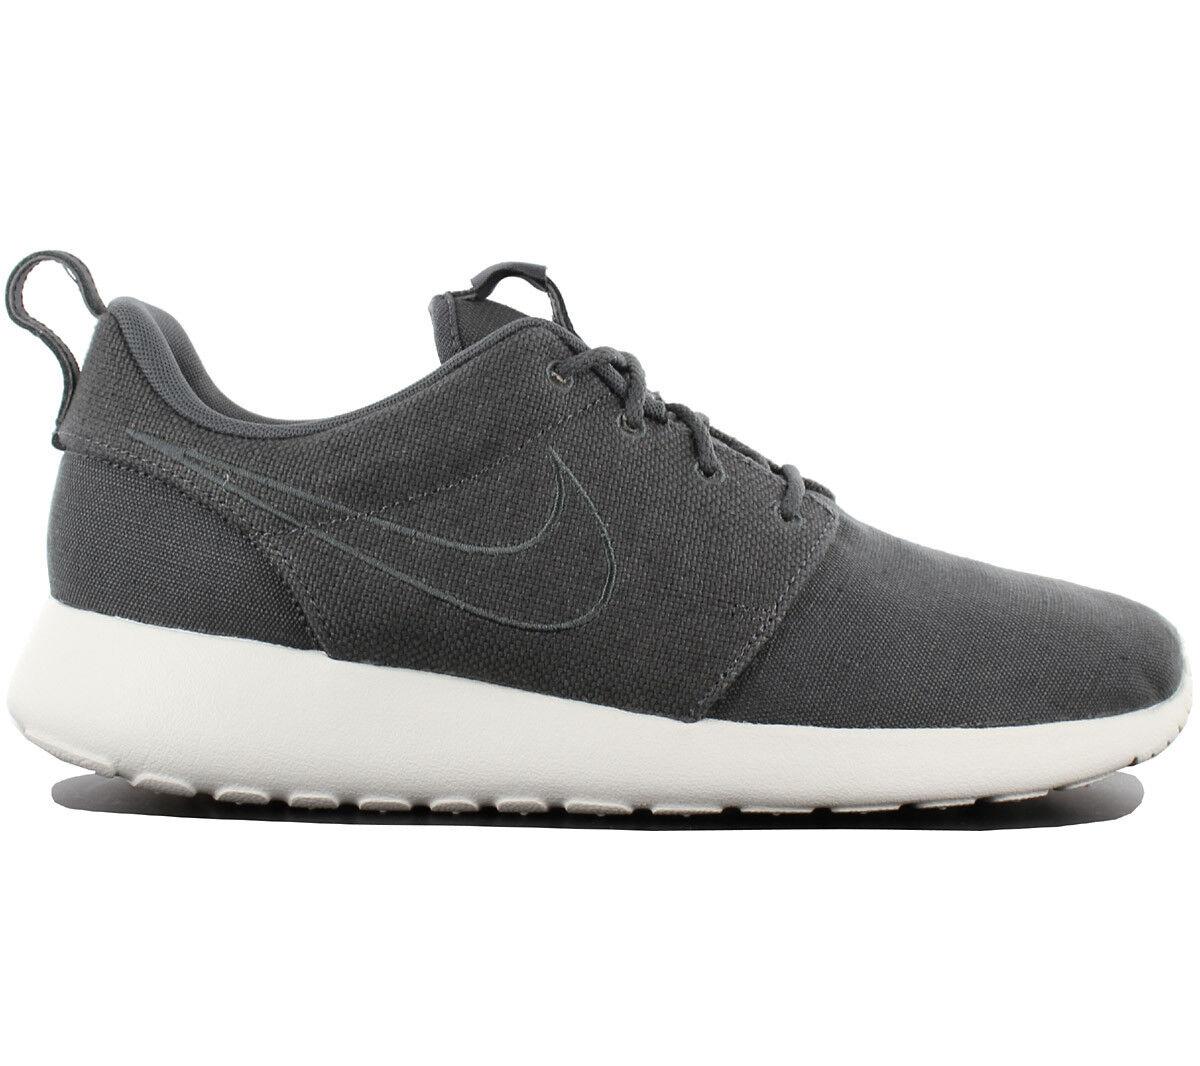 Nike Roshe One Premium Sneaker Scarpe Uomo Tessile Grigio Run Due 525234-012